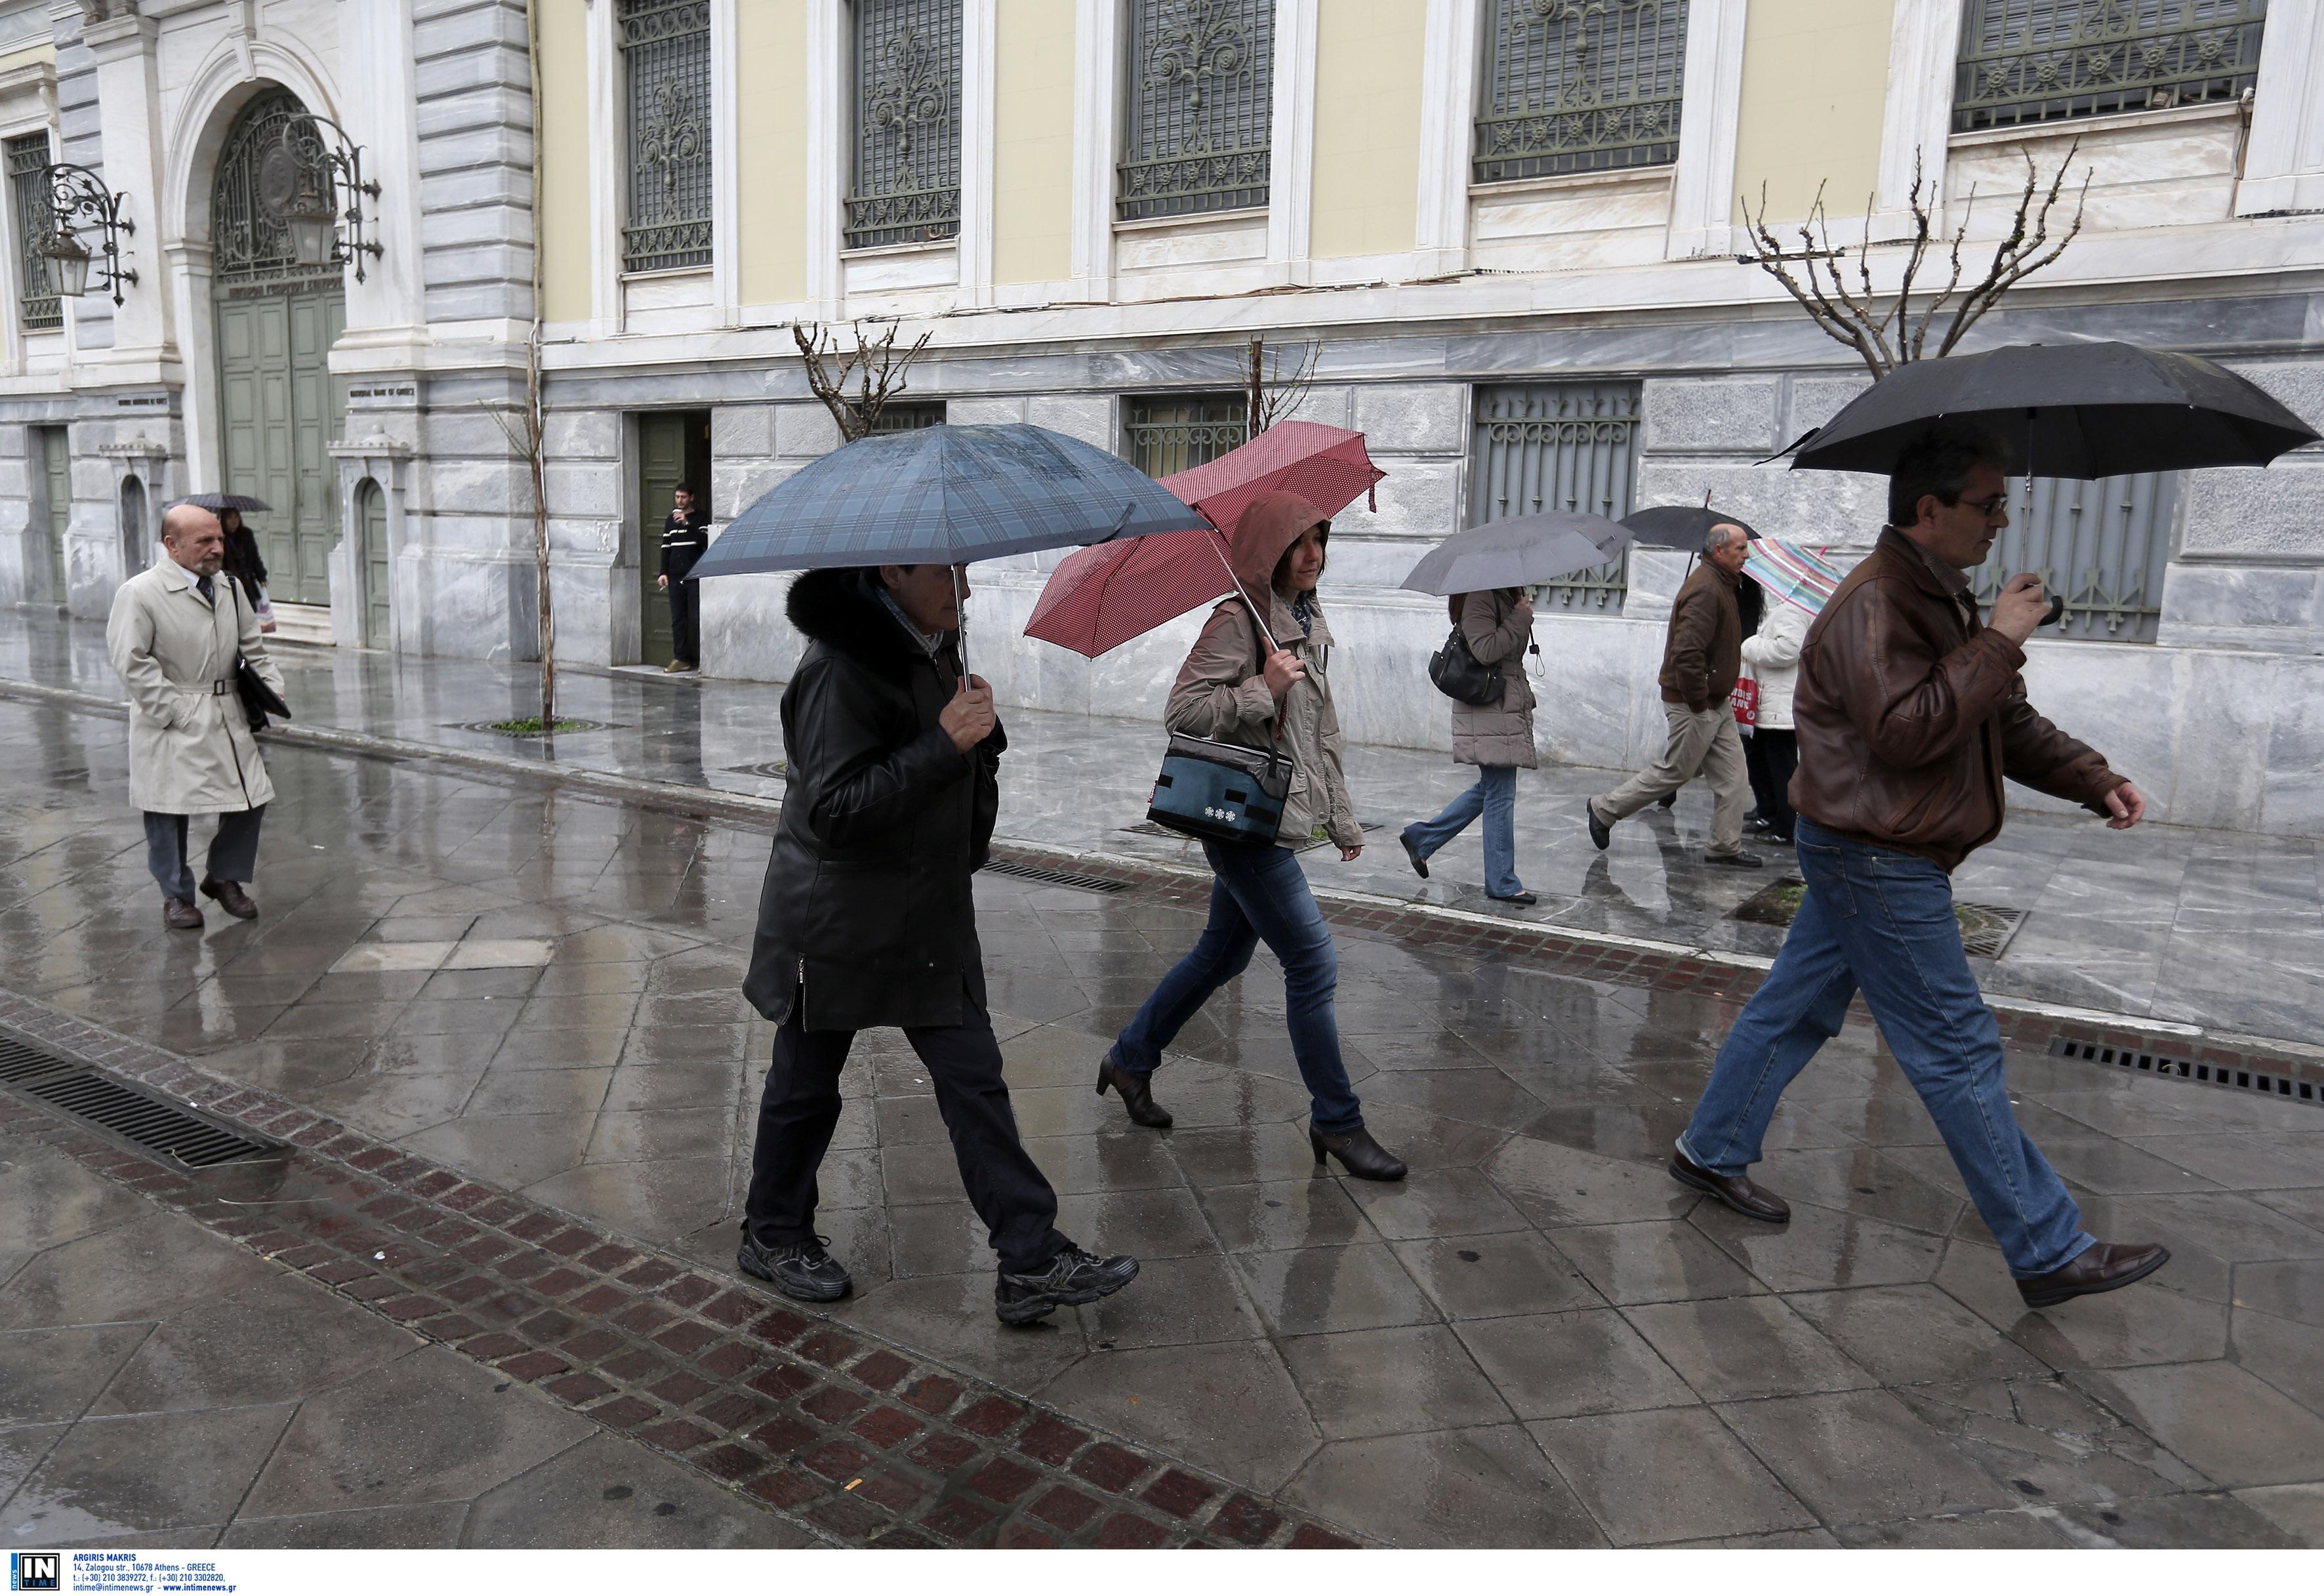 Παραμένει «άγριος» και την Παρασκευή ο καιρός! Κρύο, βροχές και θυελλώδεις άνεμοι